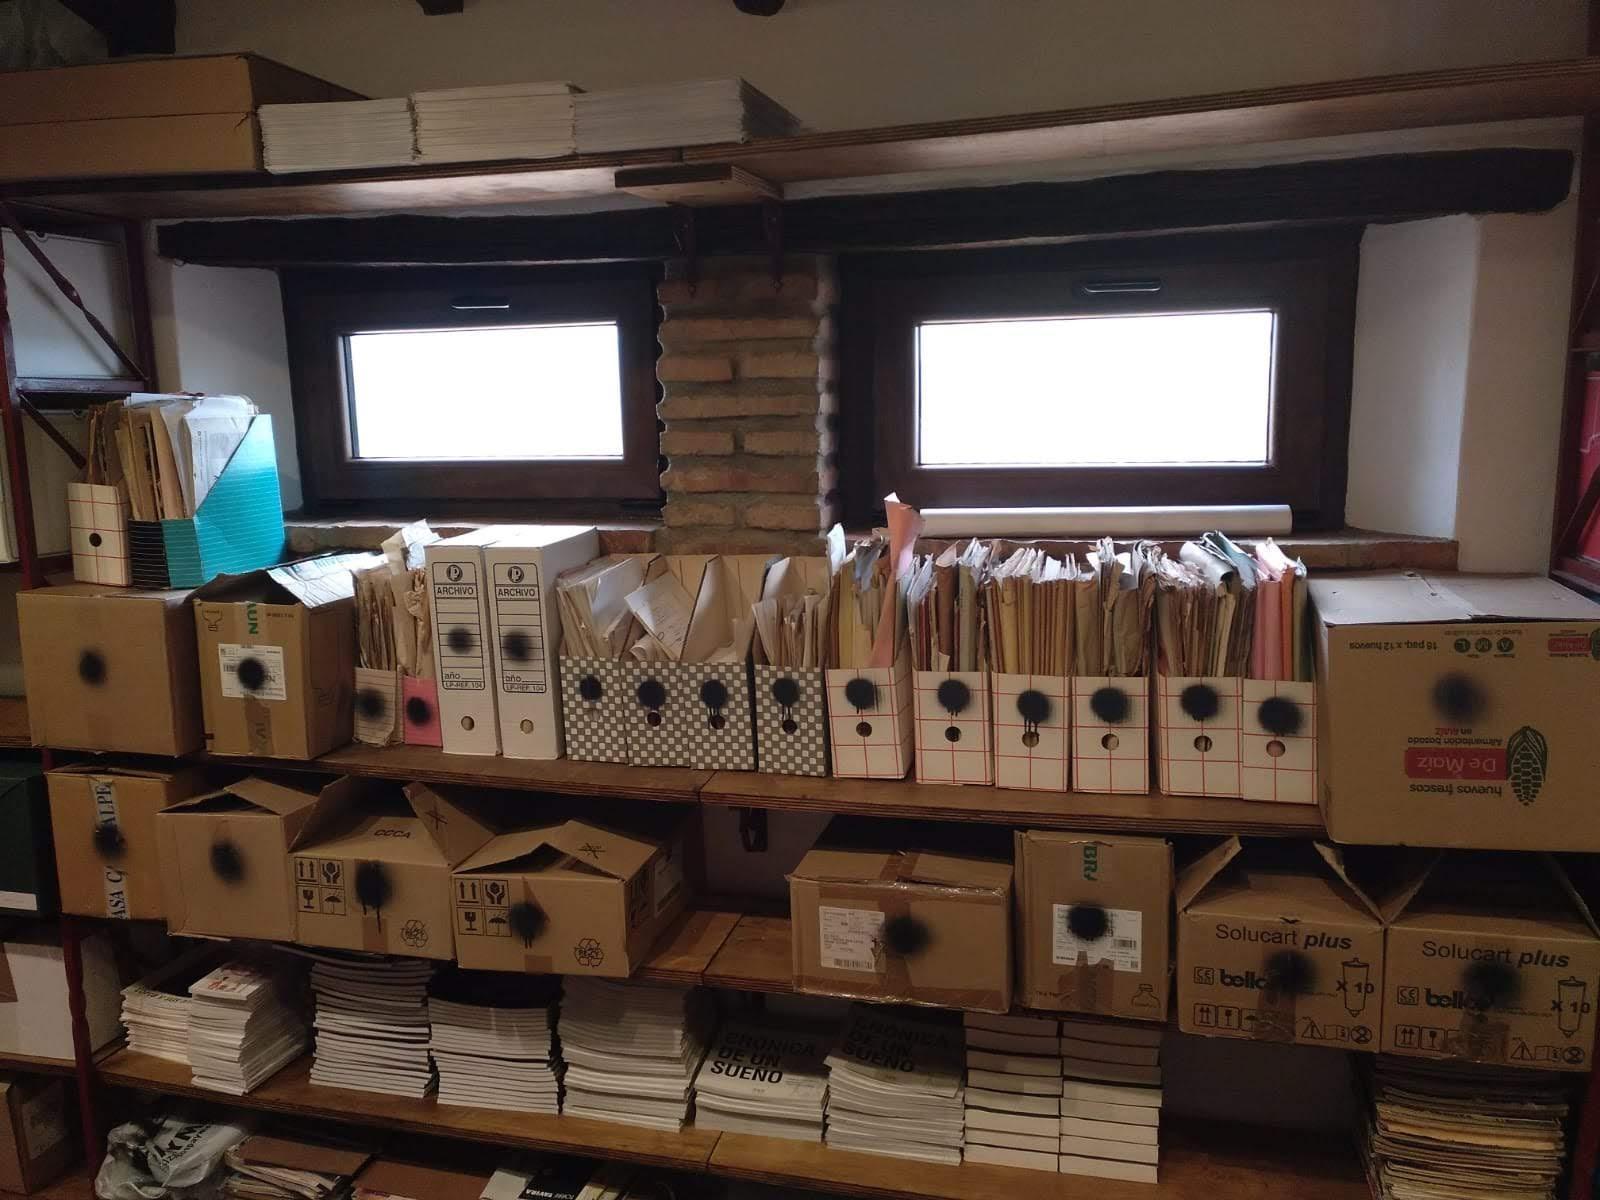 La UNED impartirá un taller de archivística en la Casa de la Memoria La Sauceda